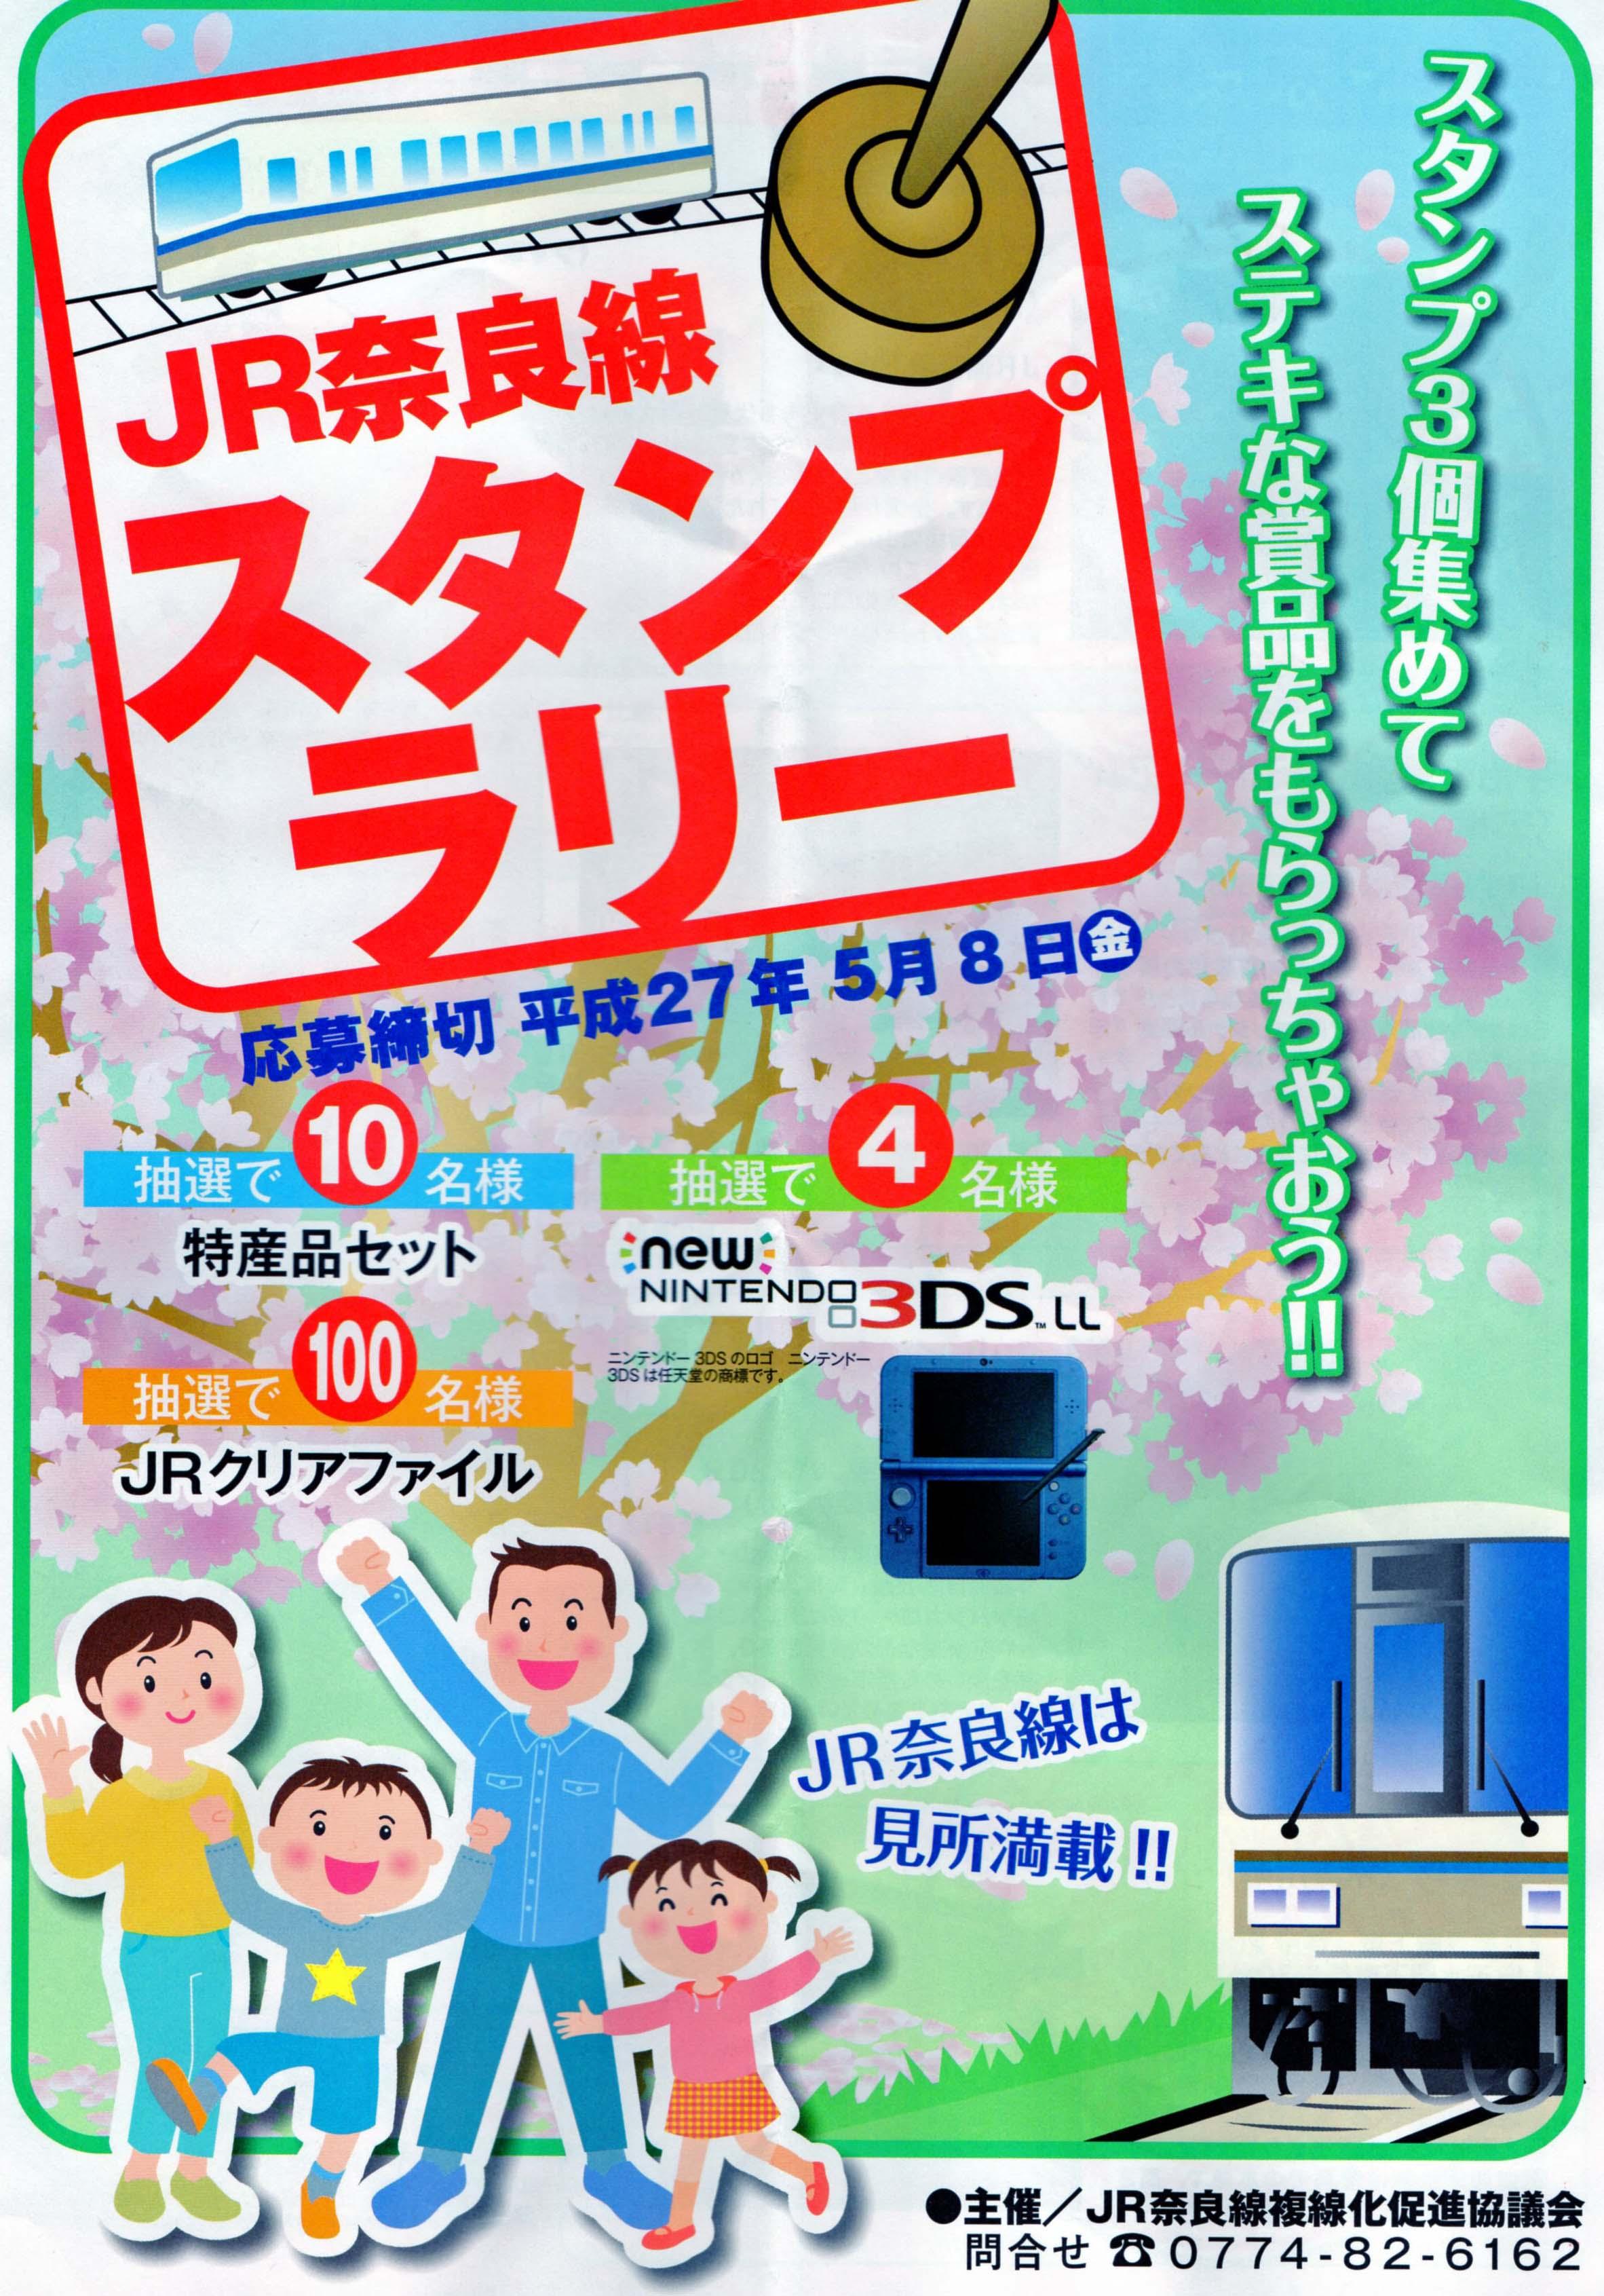 JR奈良線スタンプラリー01